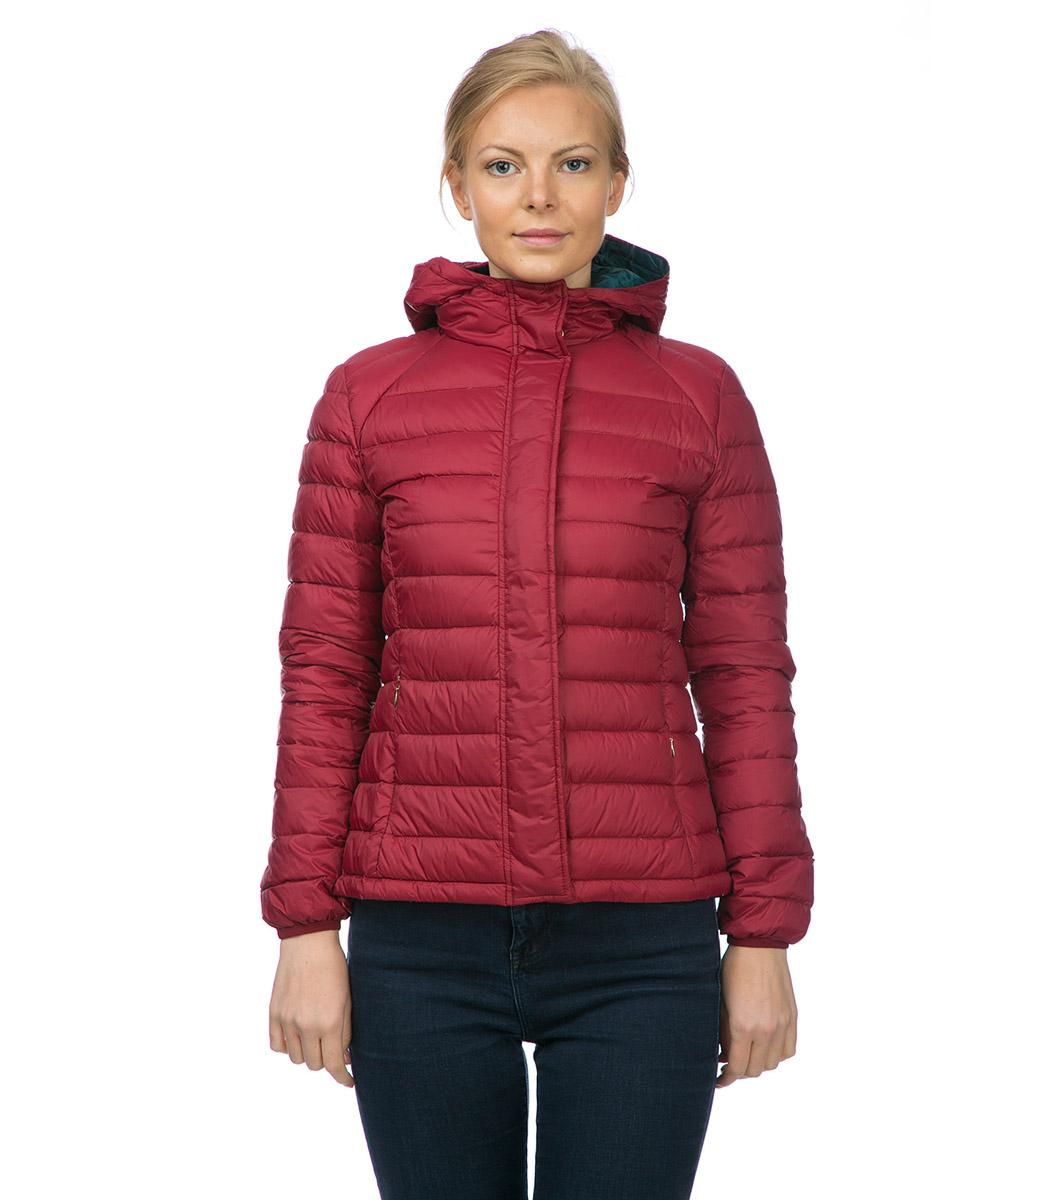 539be50f6e5 Зимно дамско яке в цвят бордо с качулка - 1290757 - Fashion Supreme ...